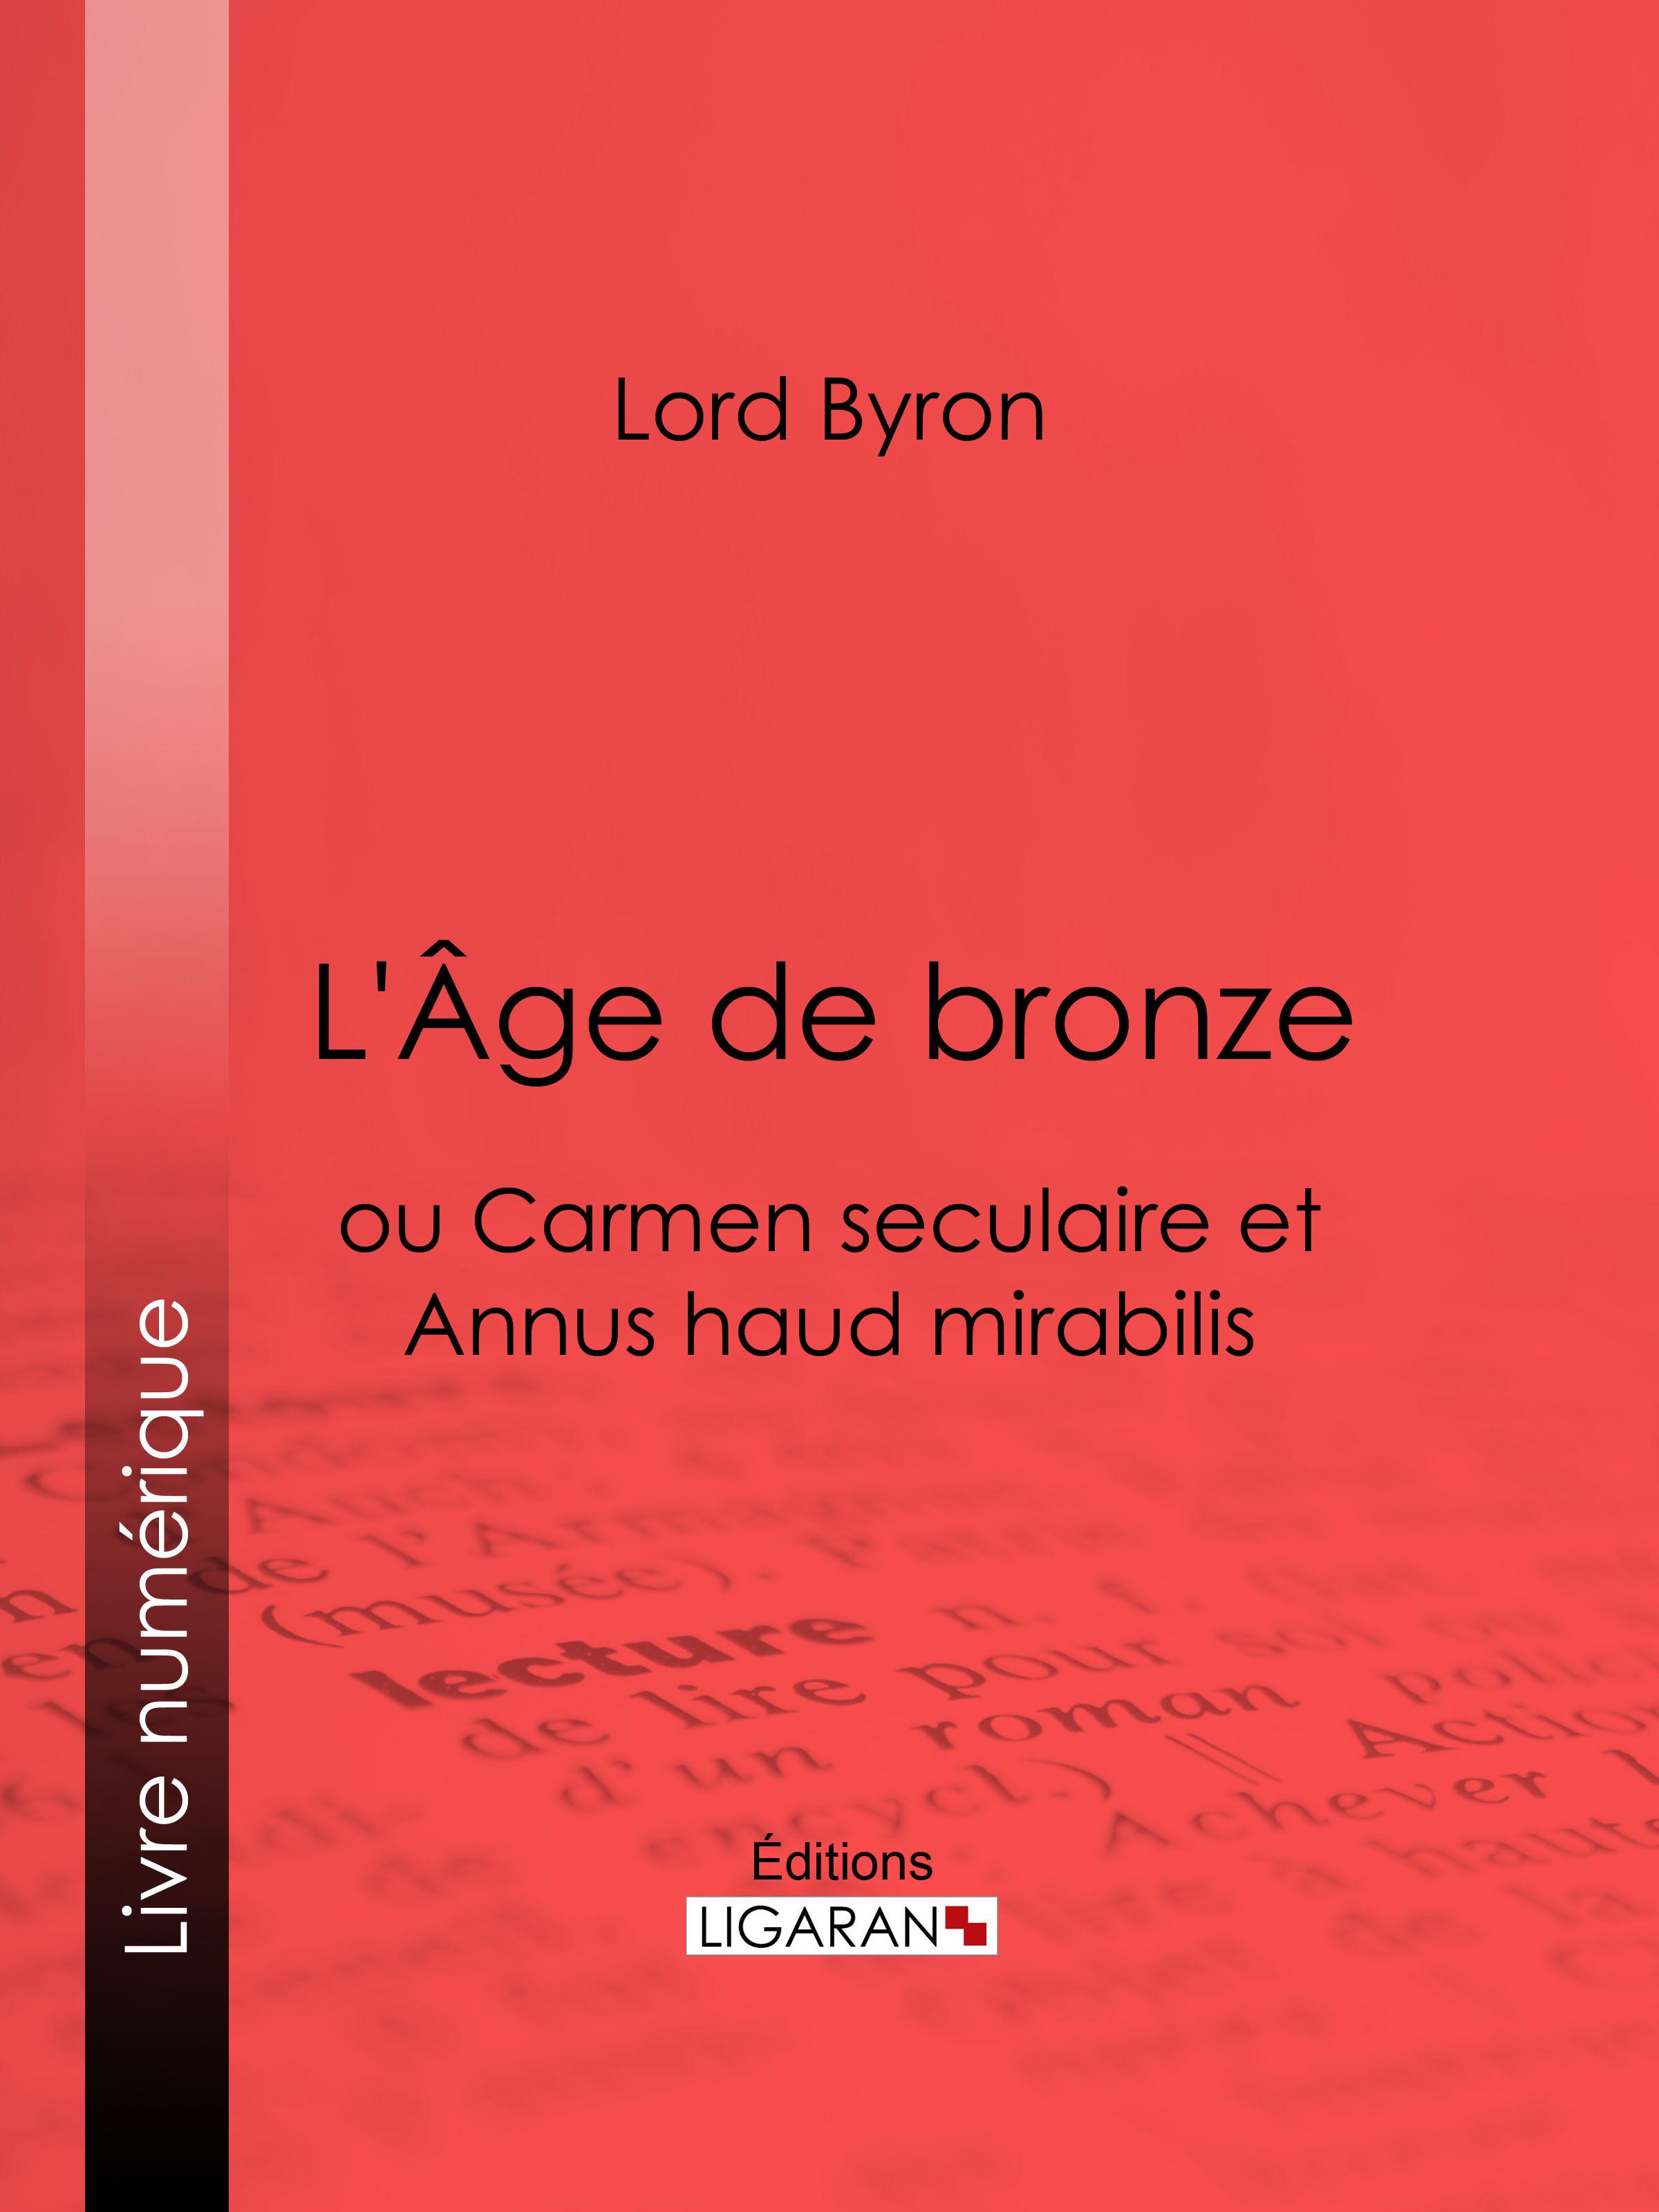 L'Âge de bronze